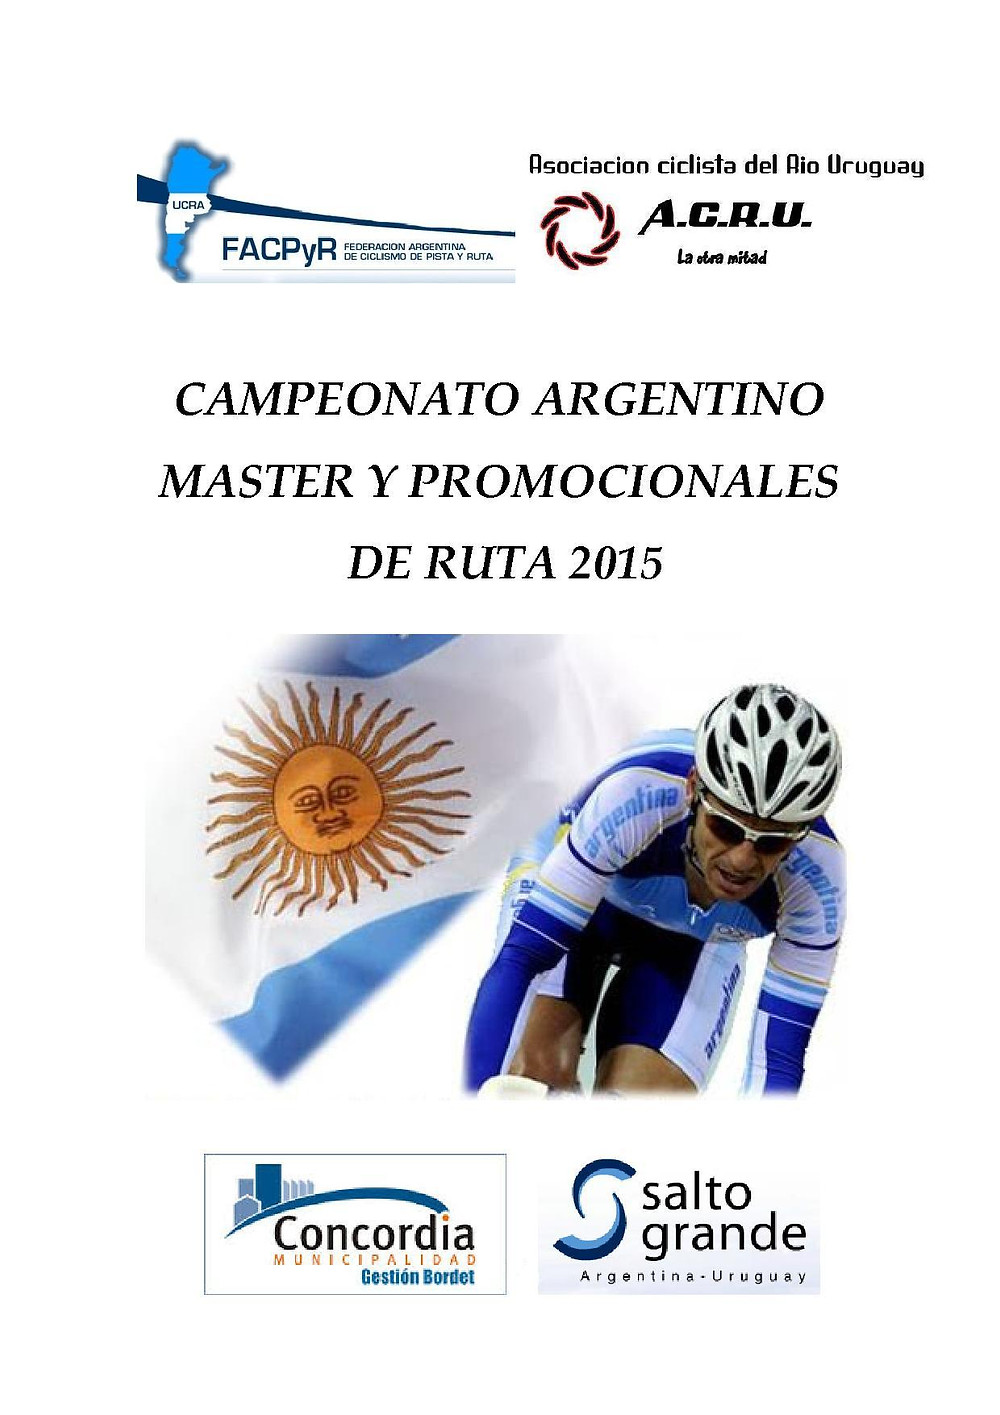 Campeonato Argentino de Ruta Master Promocionales 2015.jpg